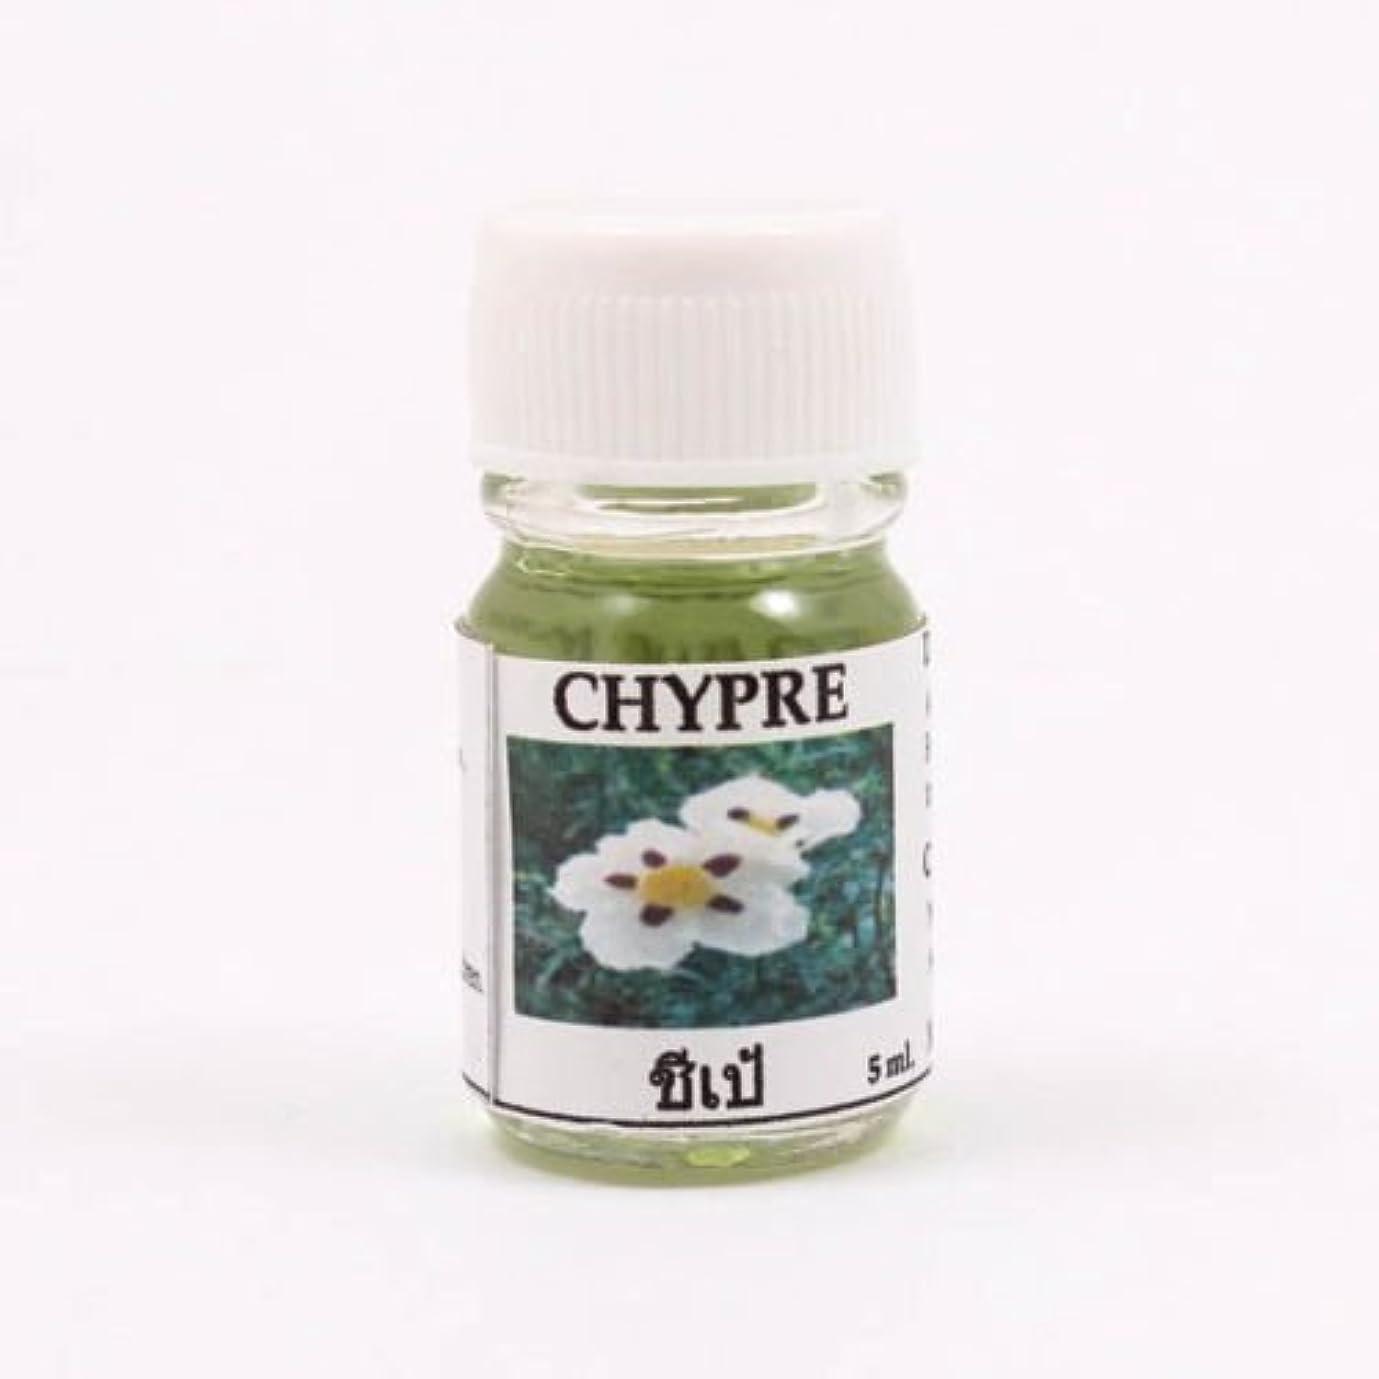 会話型集団混乱させる6X Chypre Aroma Fragrance Essential Oil 5ML. (cc) Diffuser Burner Therapy